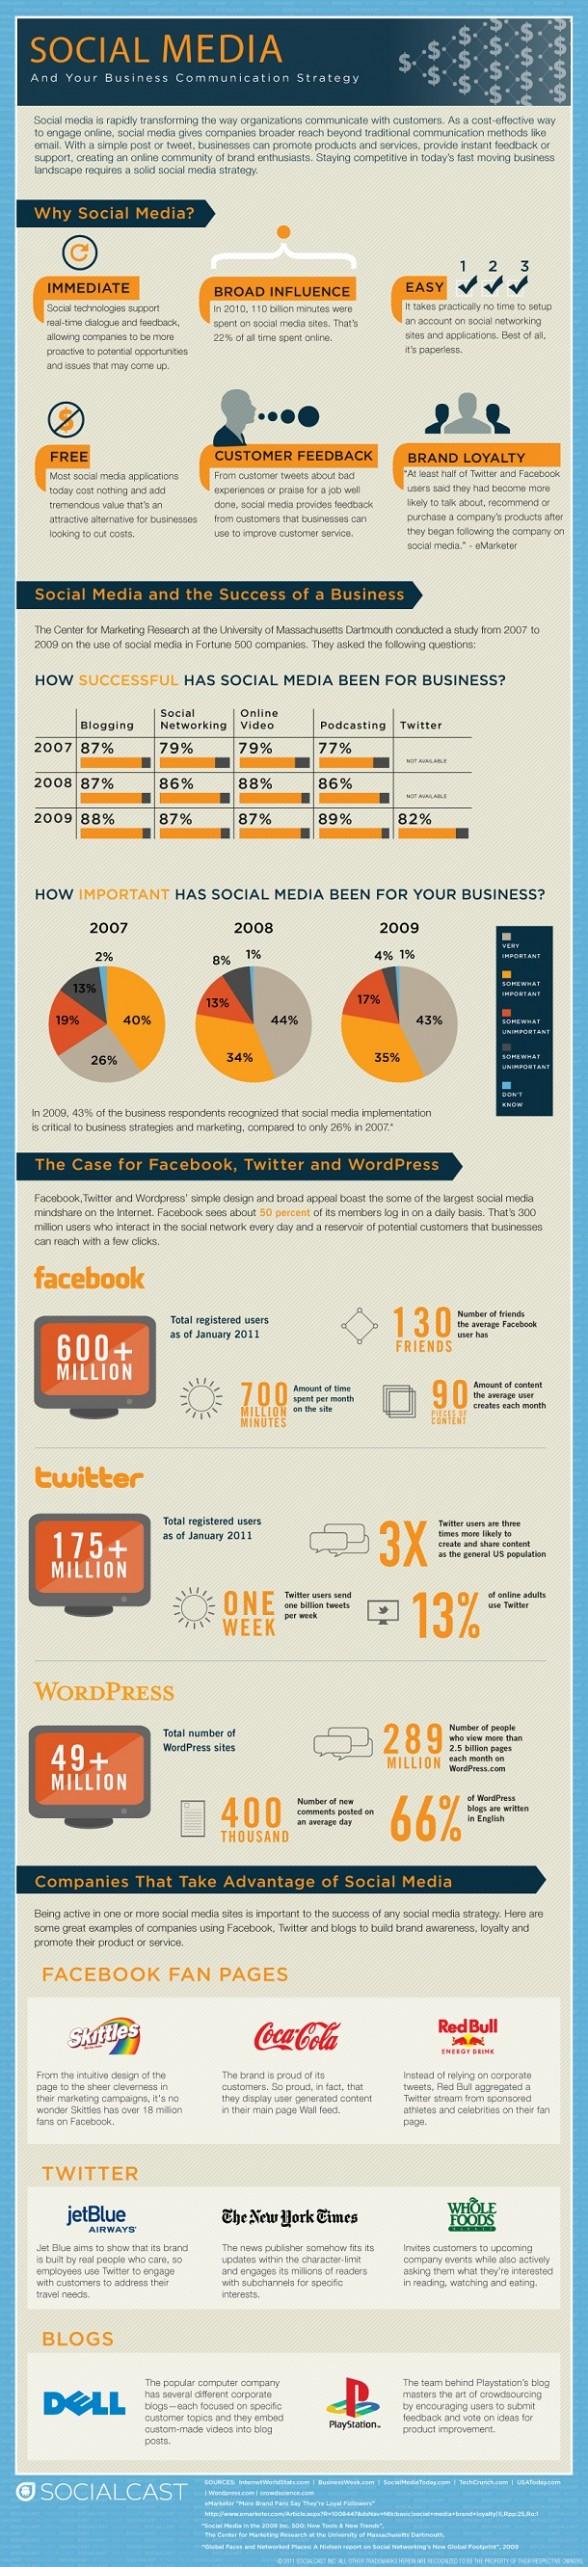 socialcast_infographic_0711.jpg